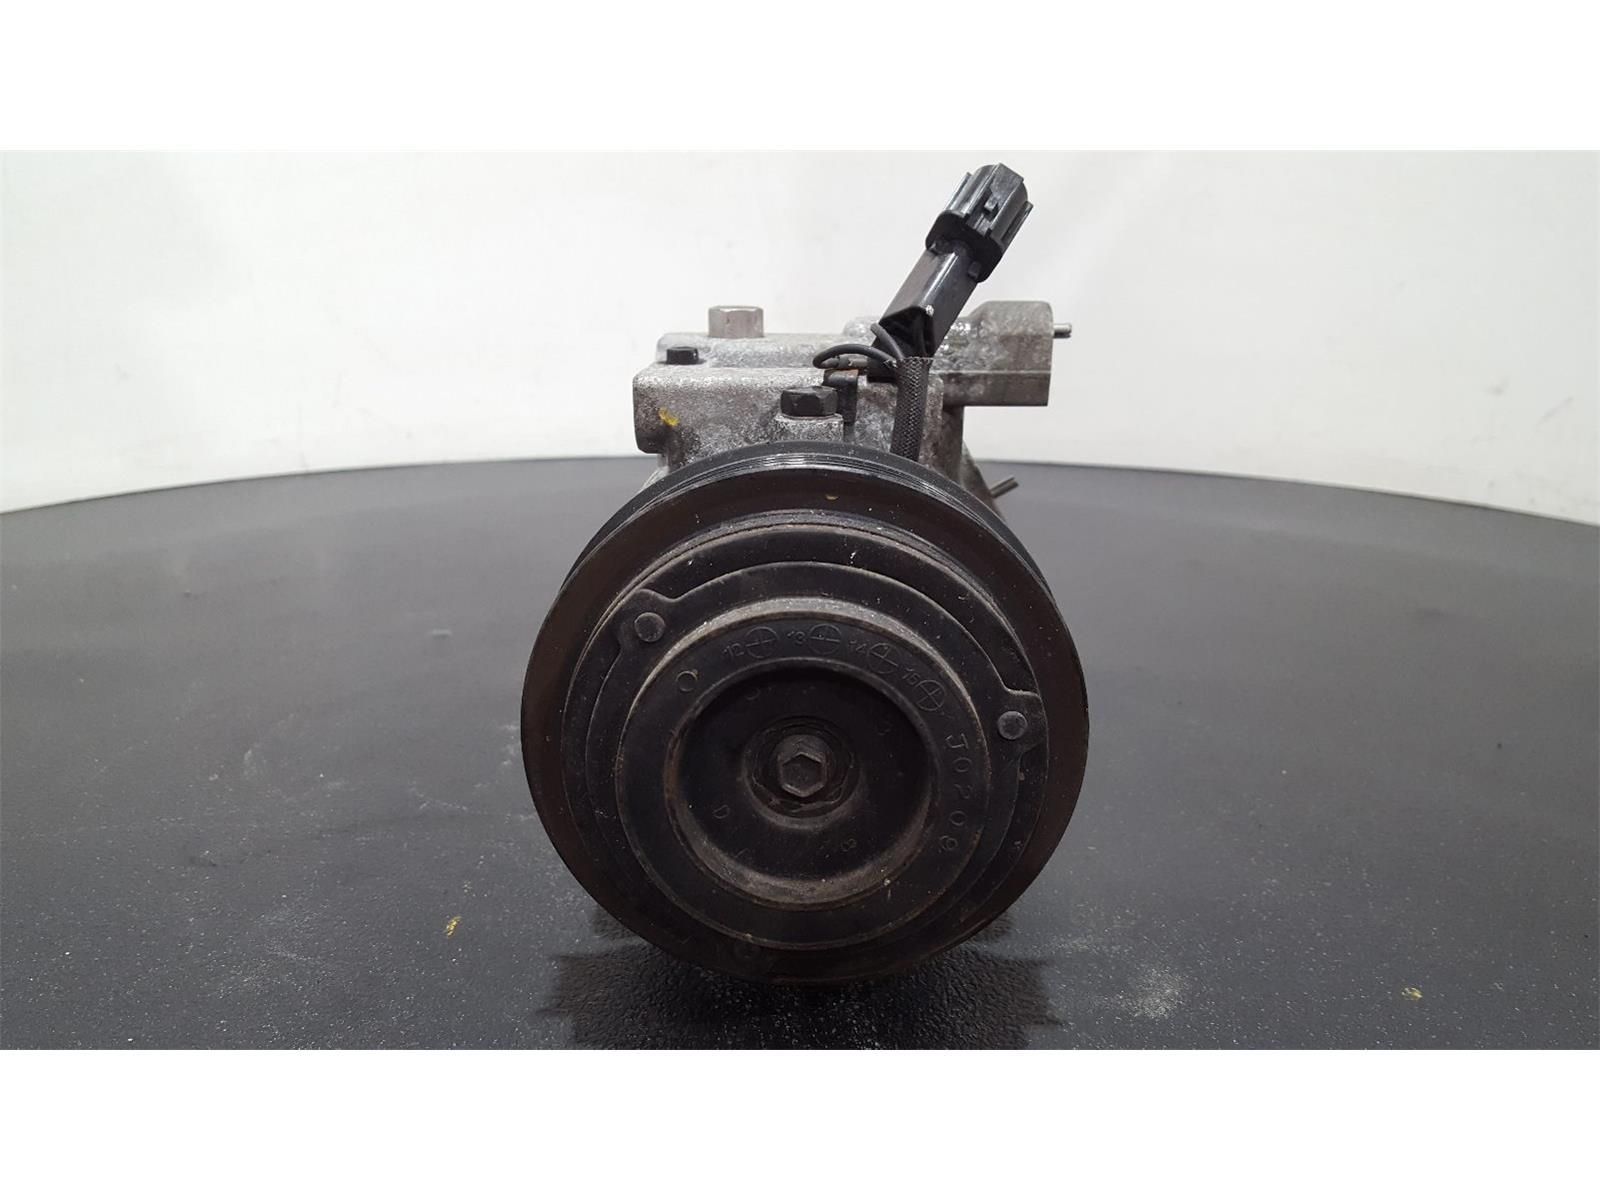 Hyundai i20 2012 To 2014 1.2 Air Conditioning Pump